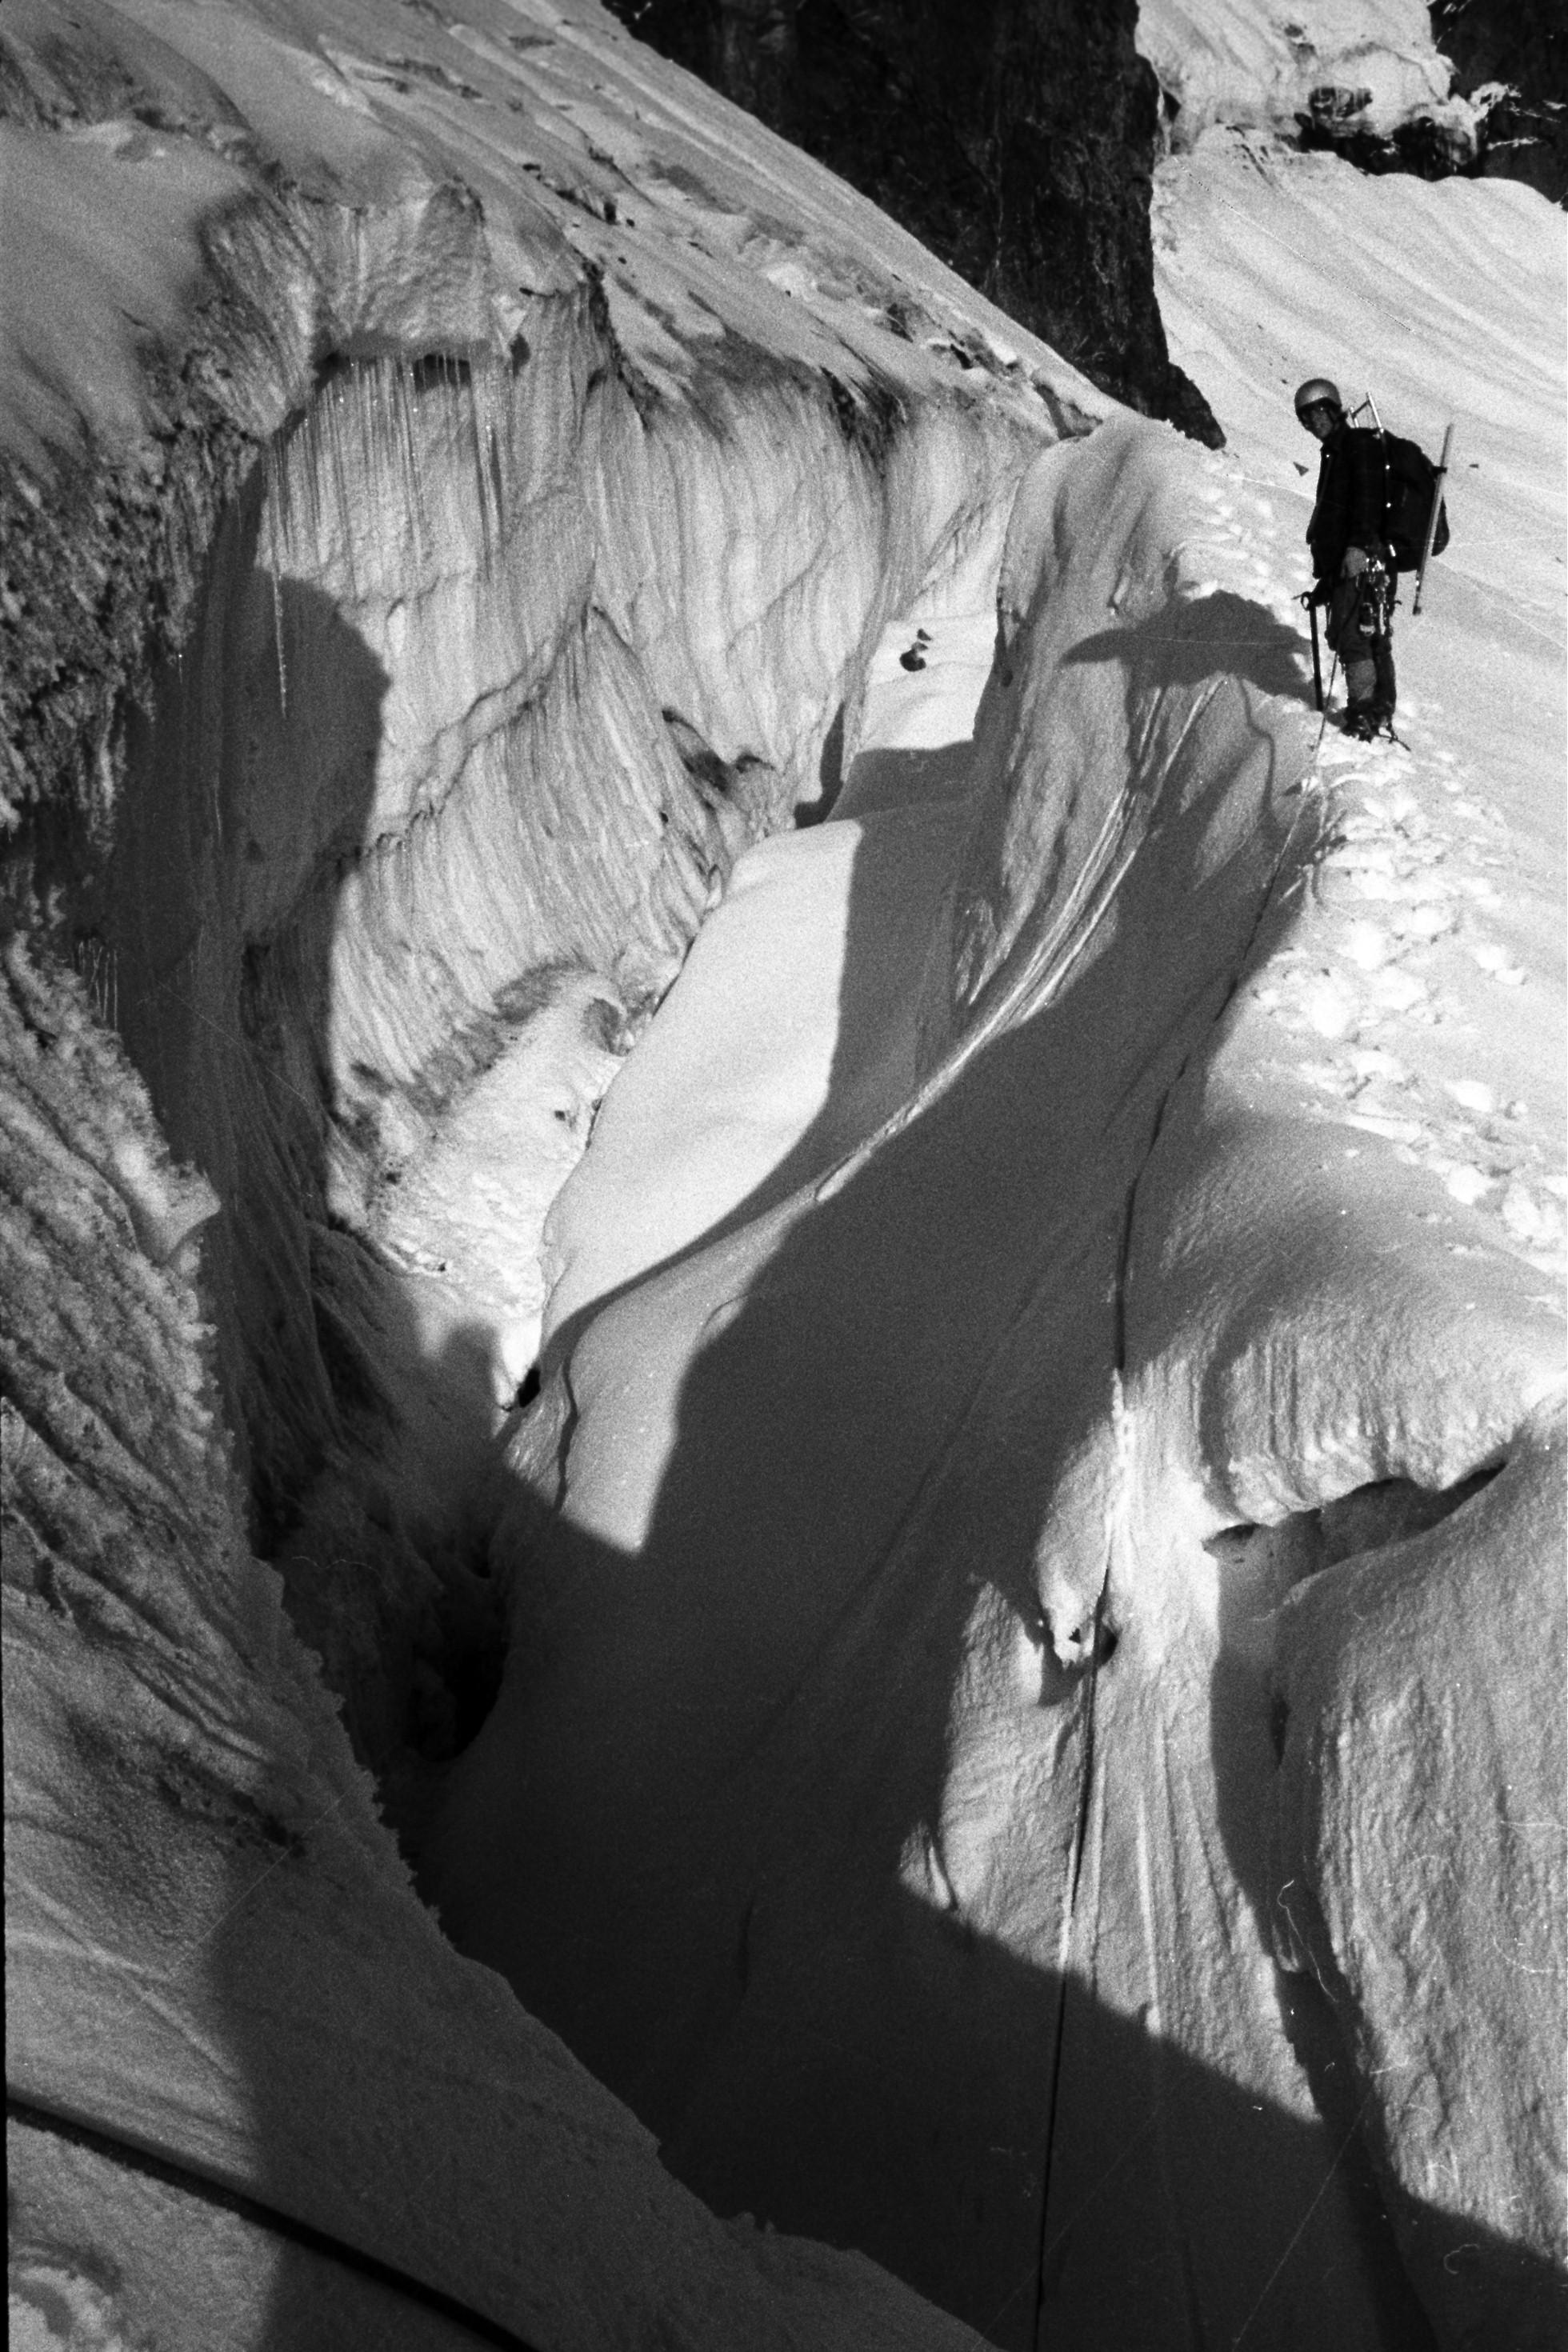 2._Tom_rock_climbing__1976.jpg